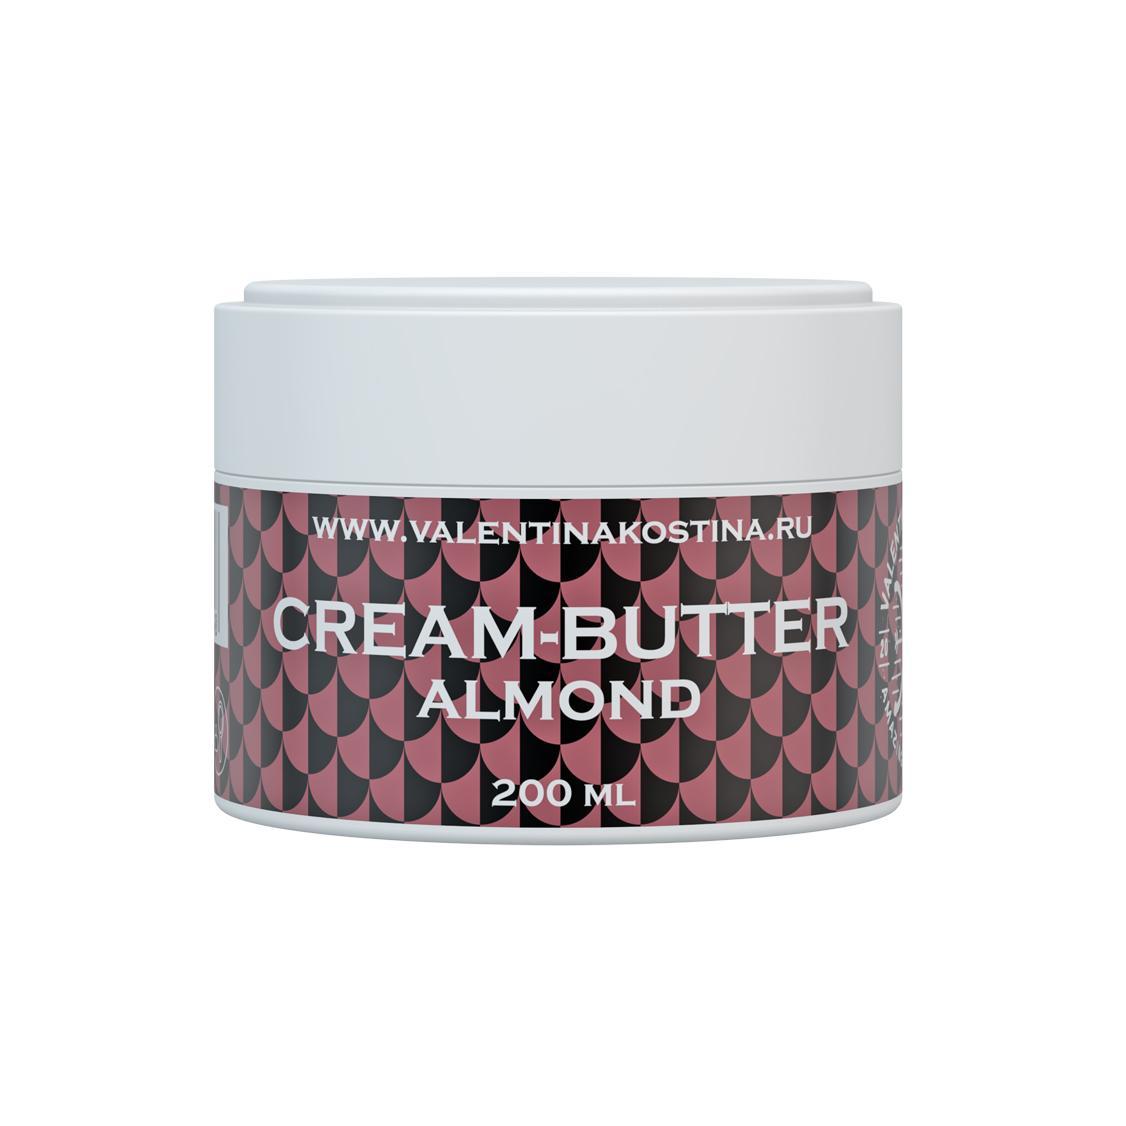 Крем-баттер Valentina Kostina Cream-butter Almond Для тела